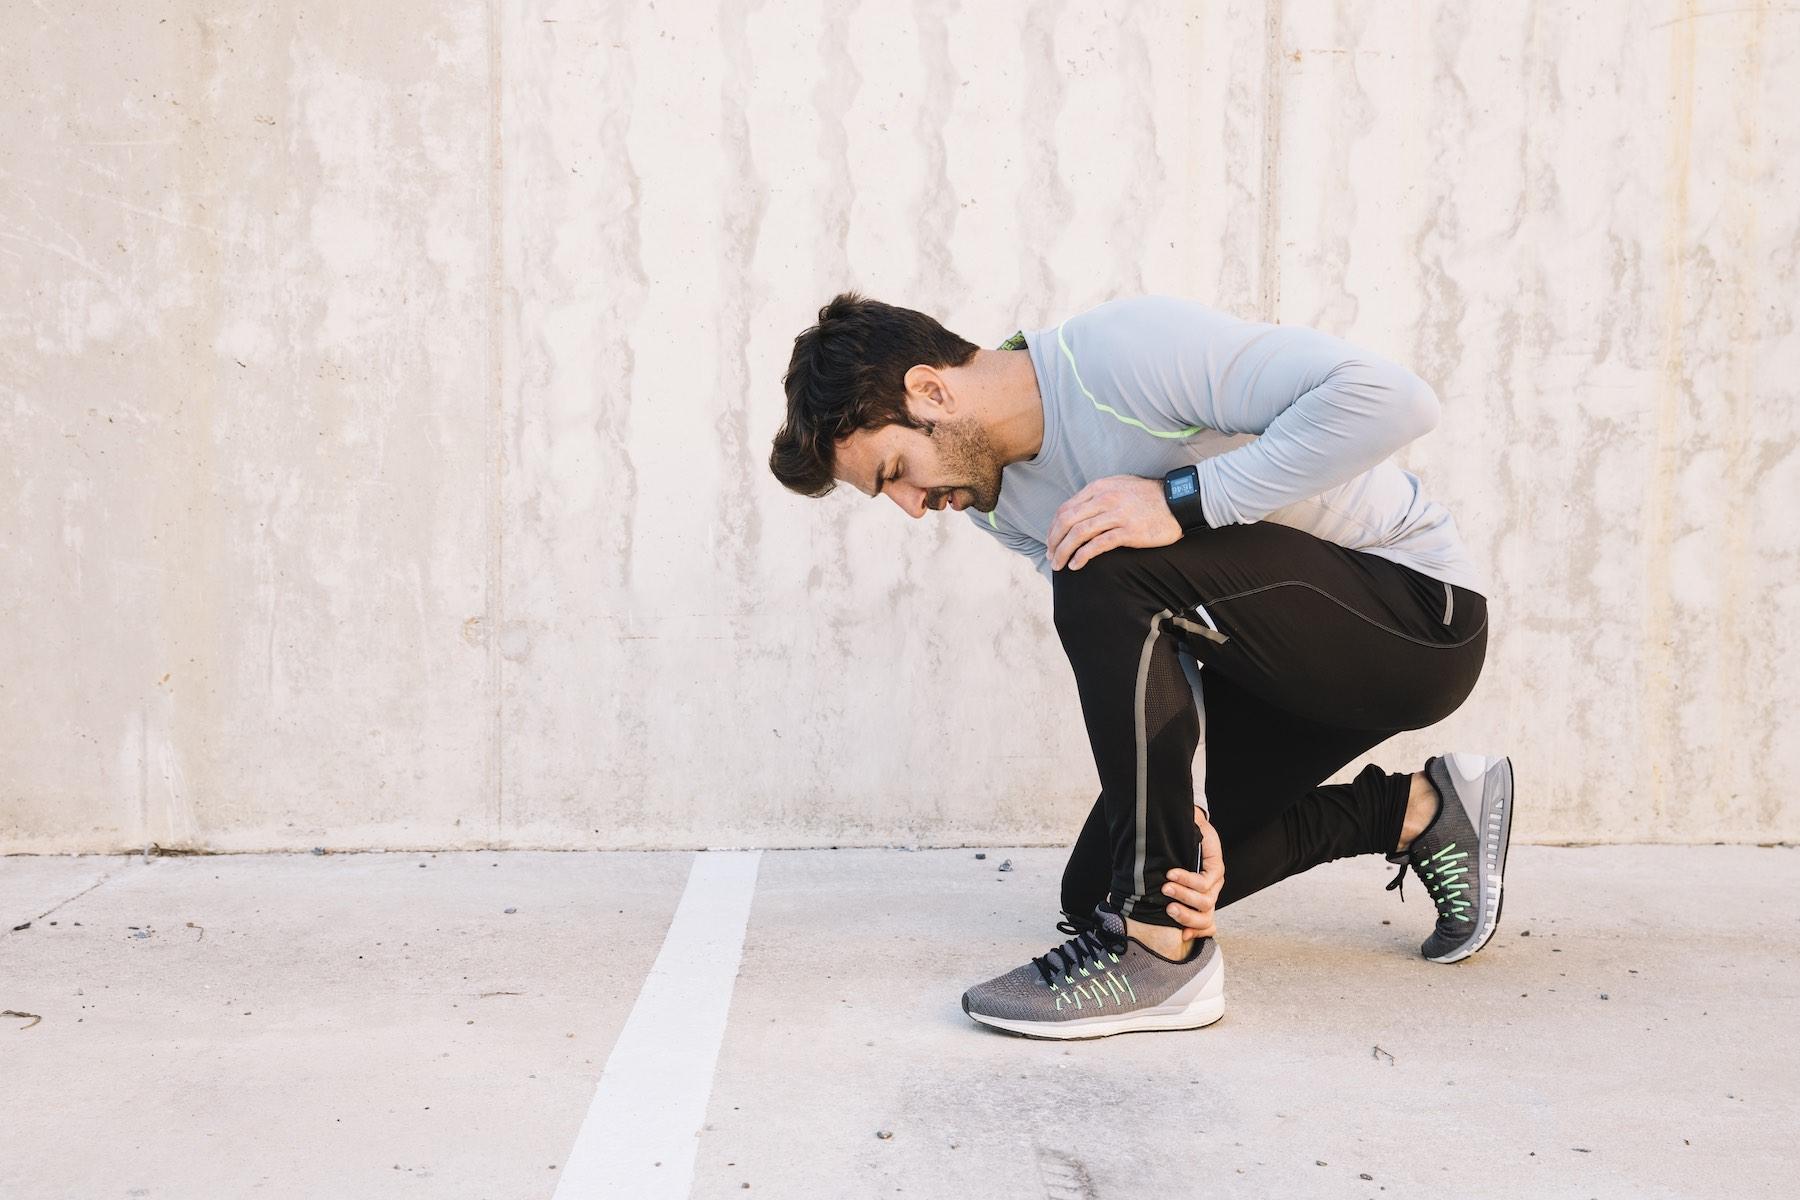 Man pain Shoes